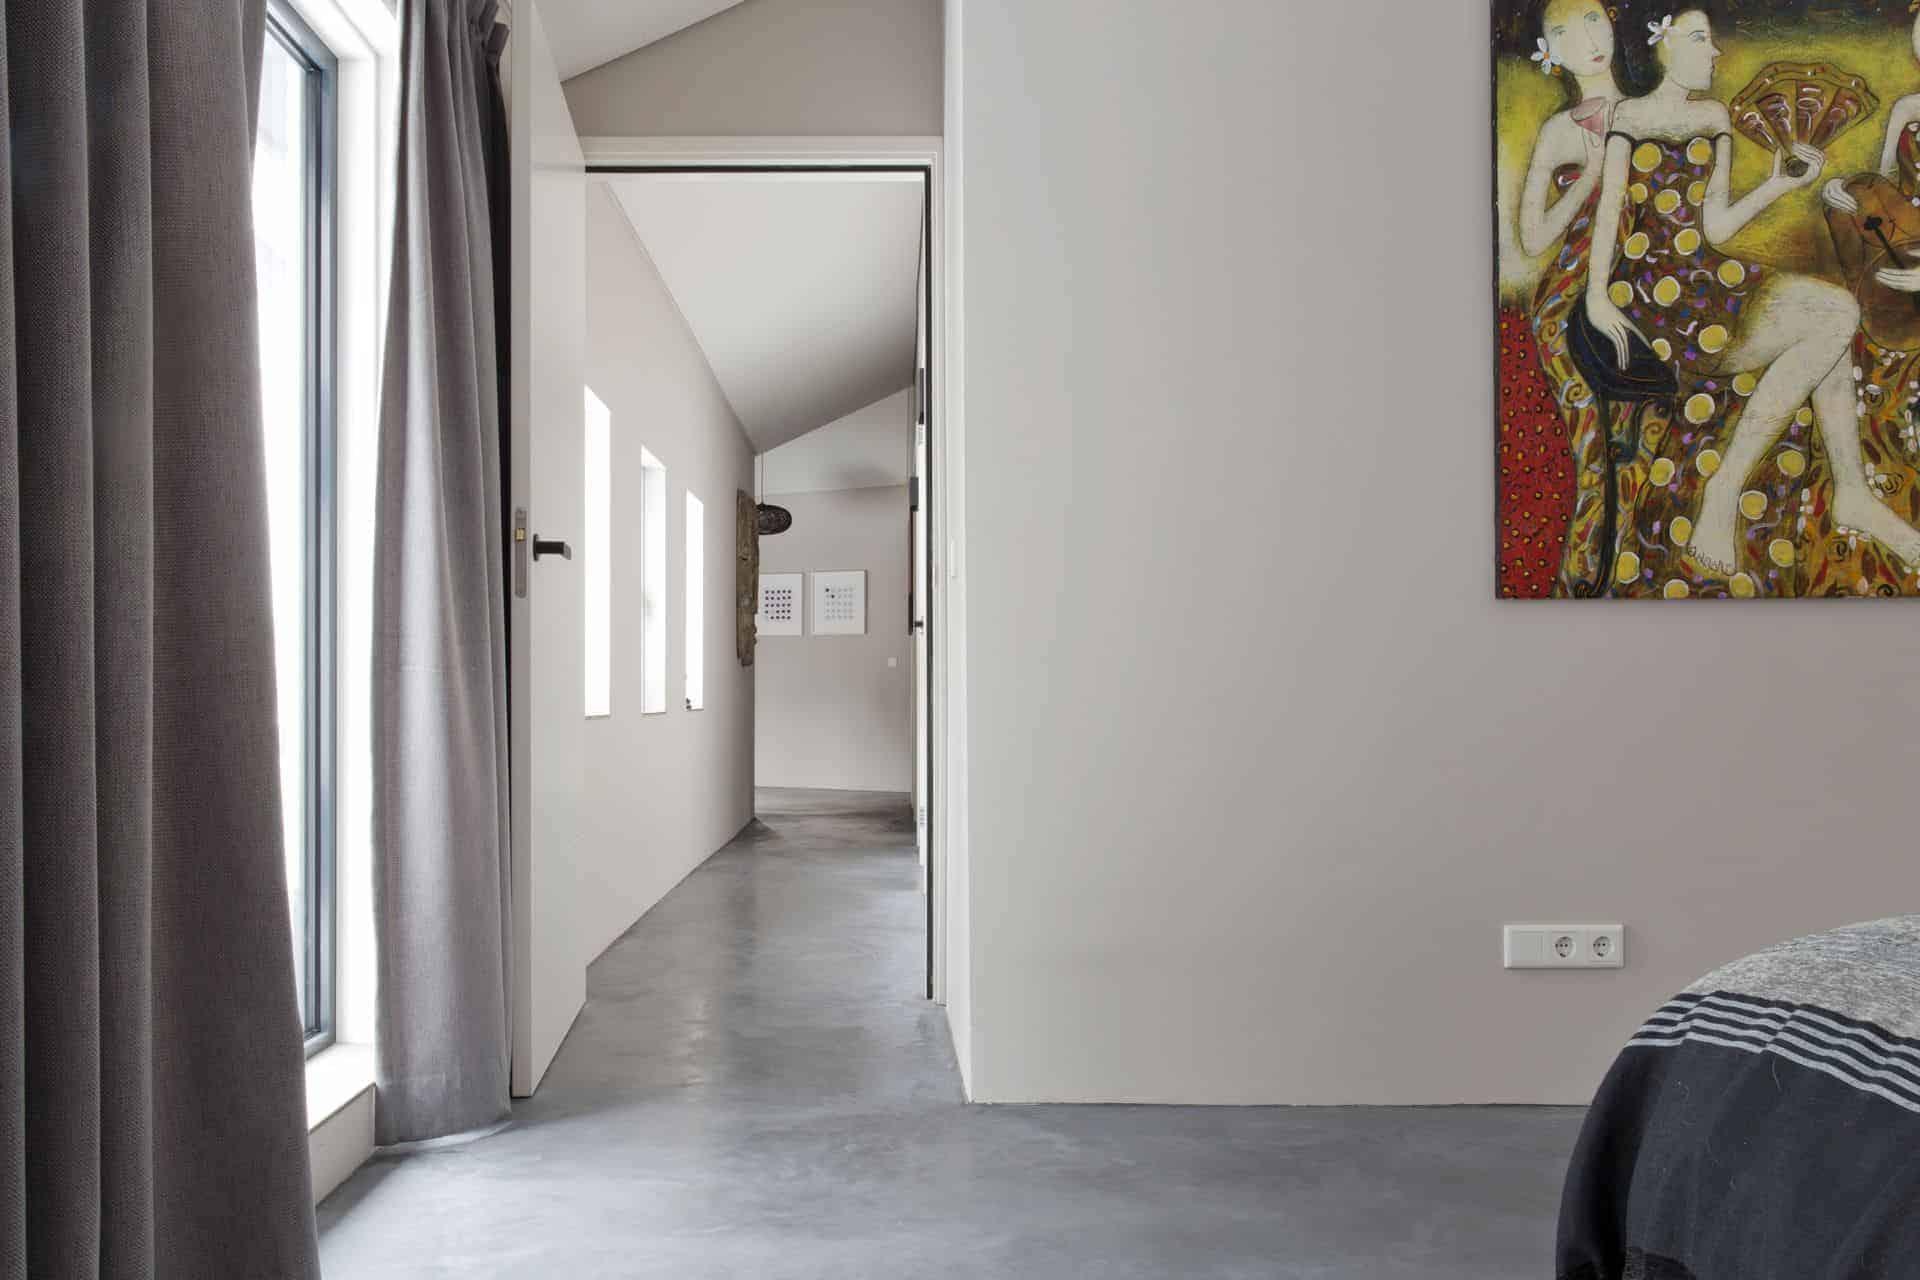 Gevlinderde betonnen vloer, woonbeton